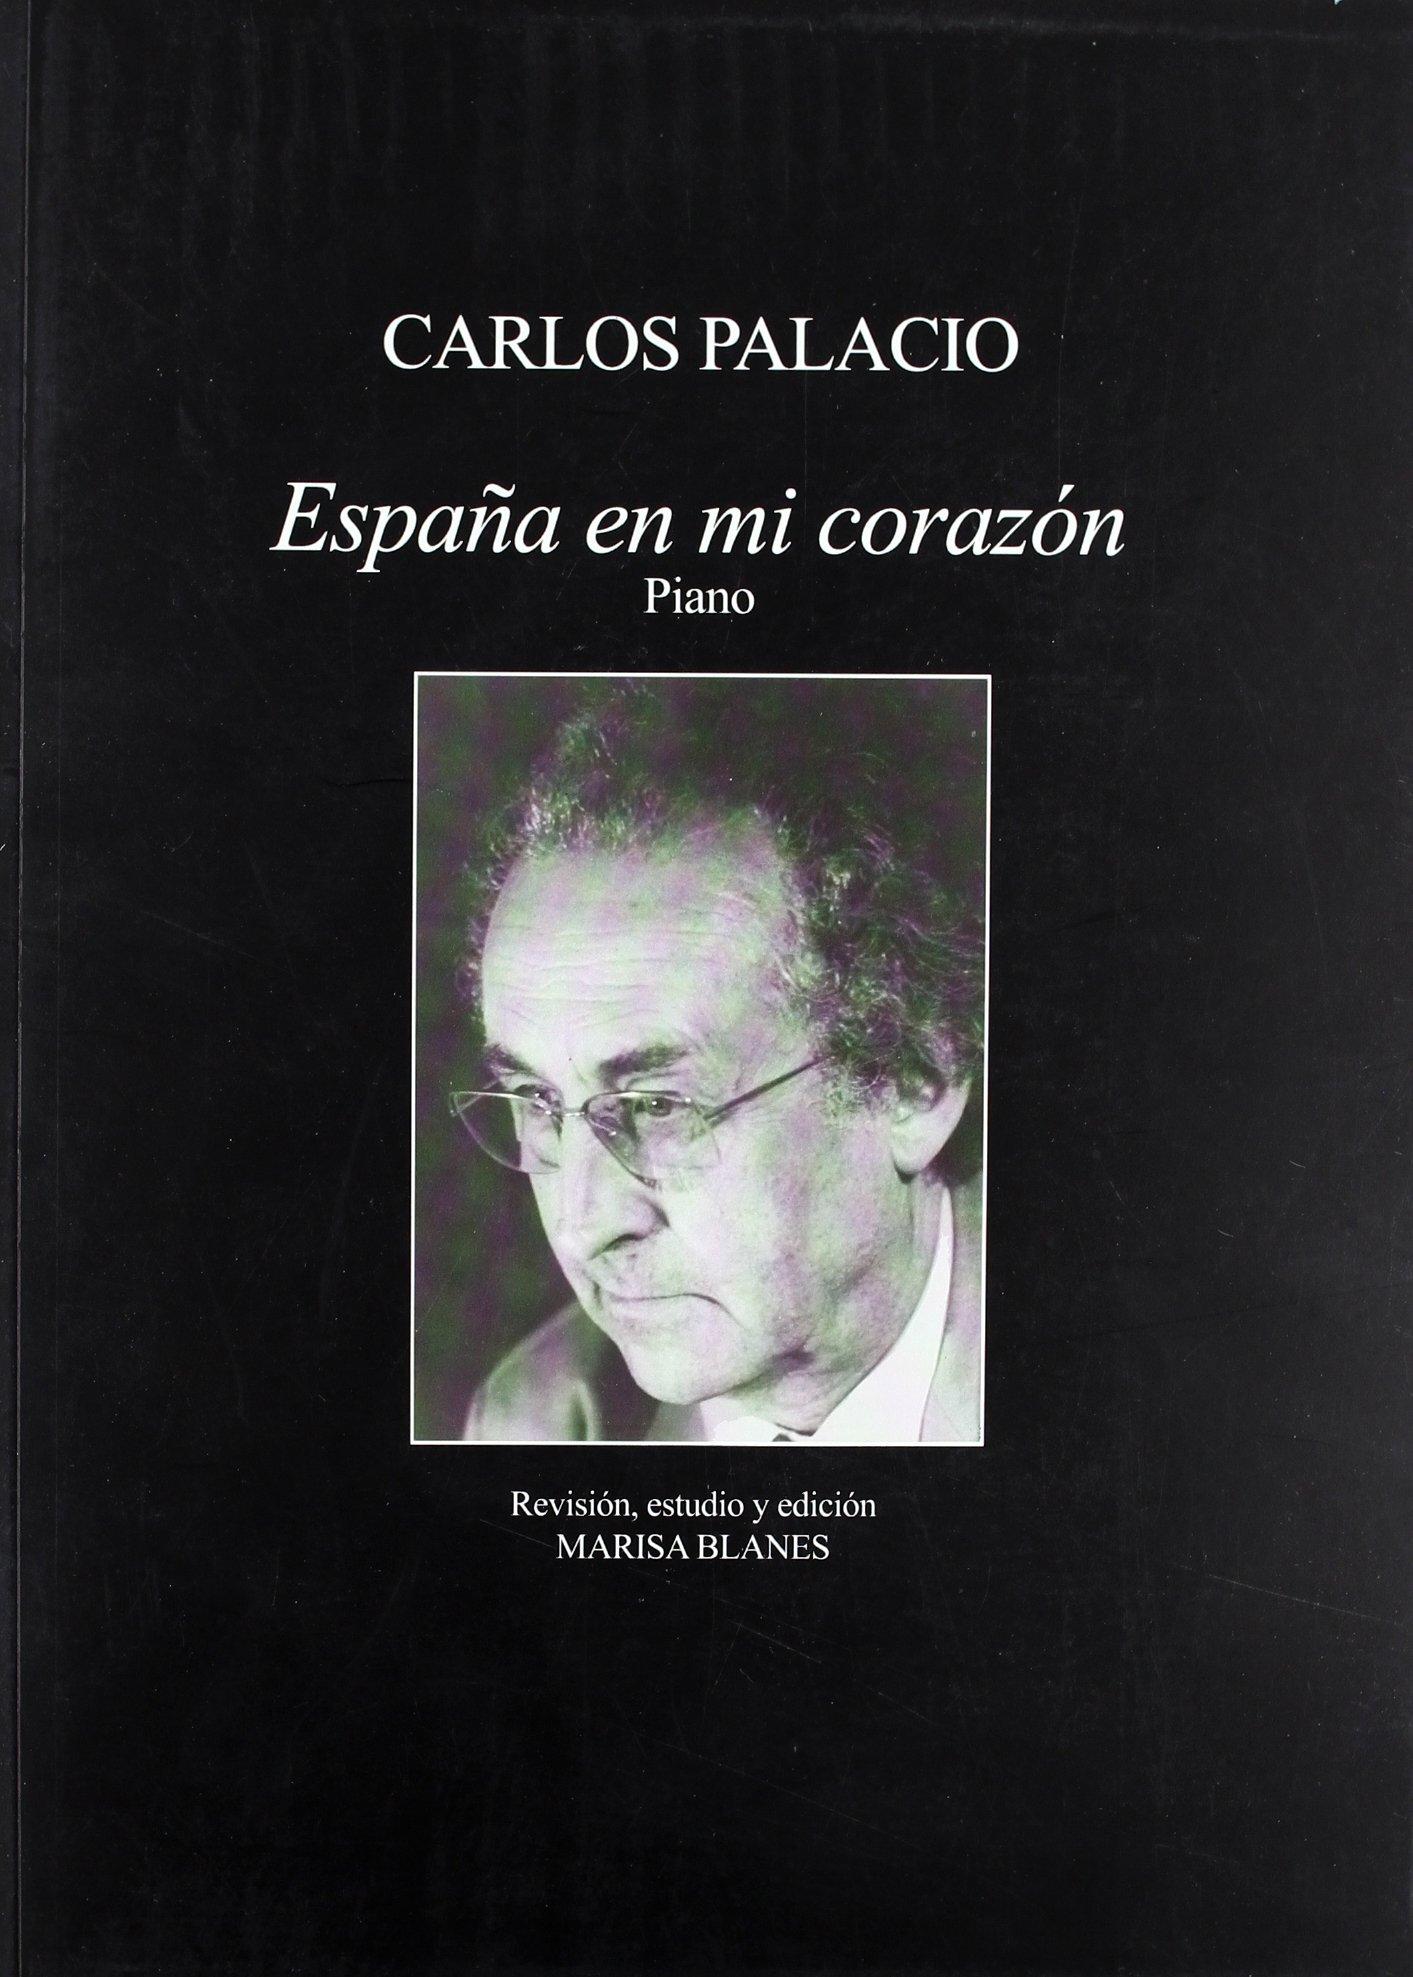 España en mi corazón. Carlos Palacio Para piano MUSICA: Amazon.es: Palacio, Carlos: Libros